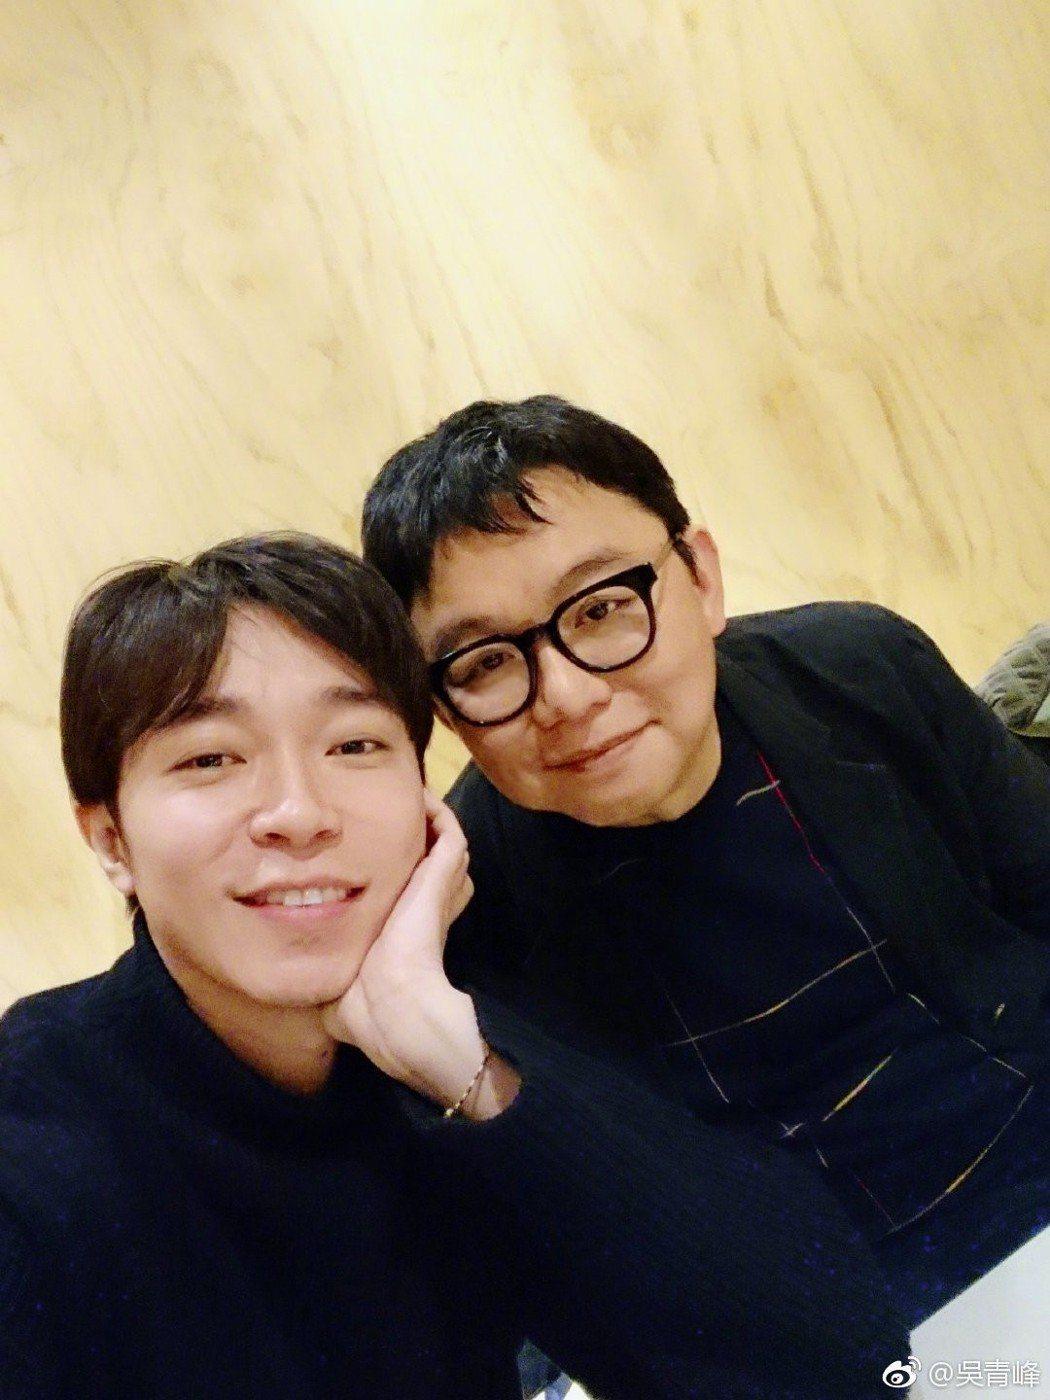 吳青峰(左)跟林暐哲合作17年,曾指彼此關係情同父子。圖/摘自微博